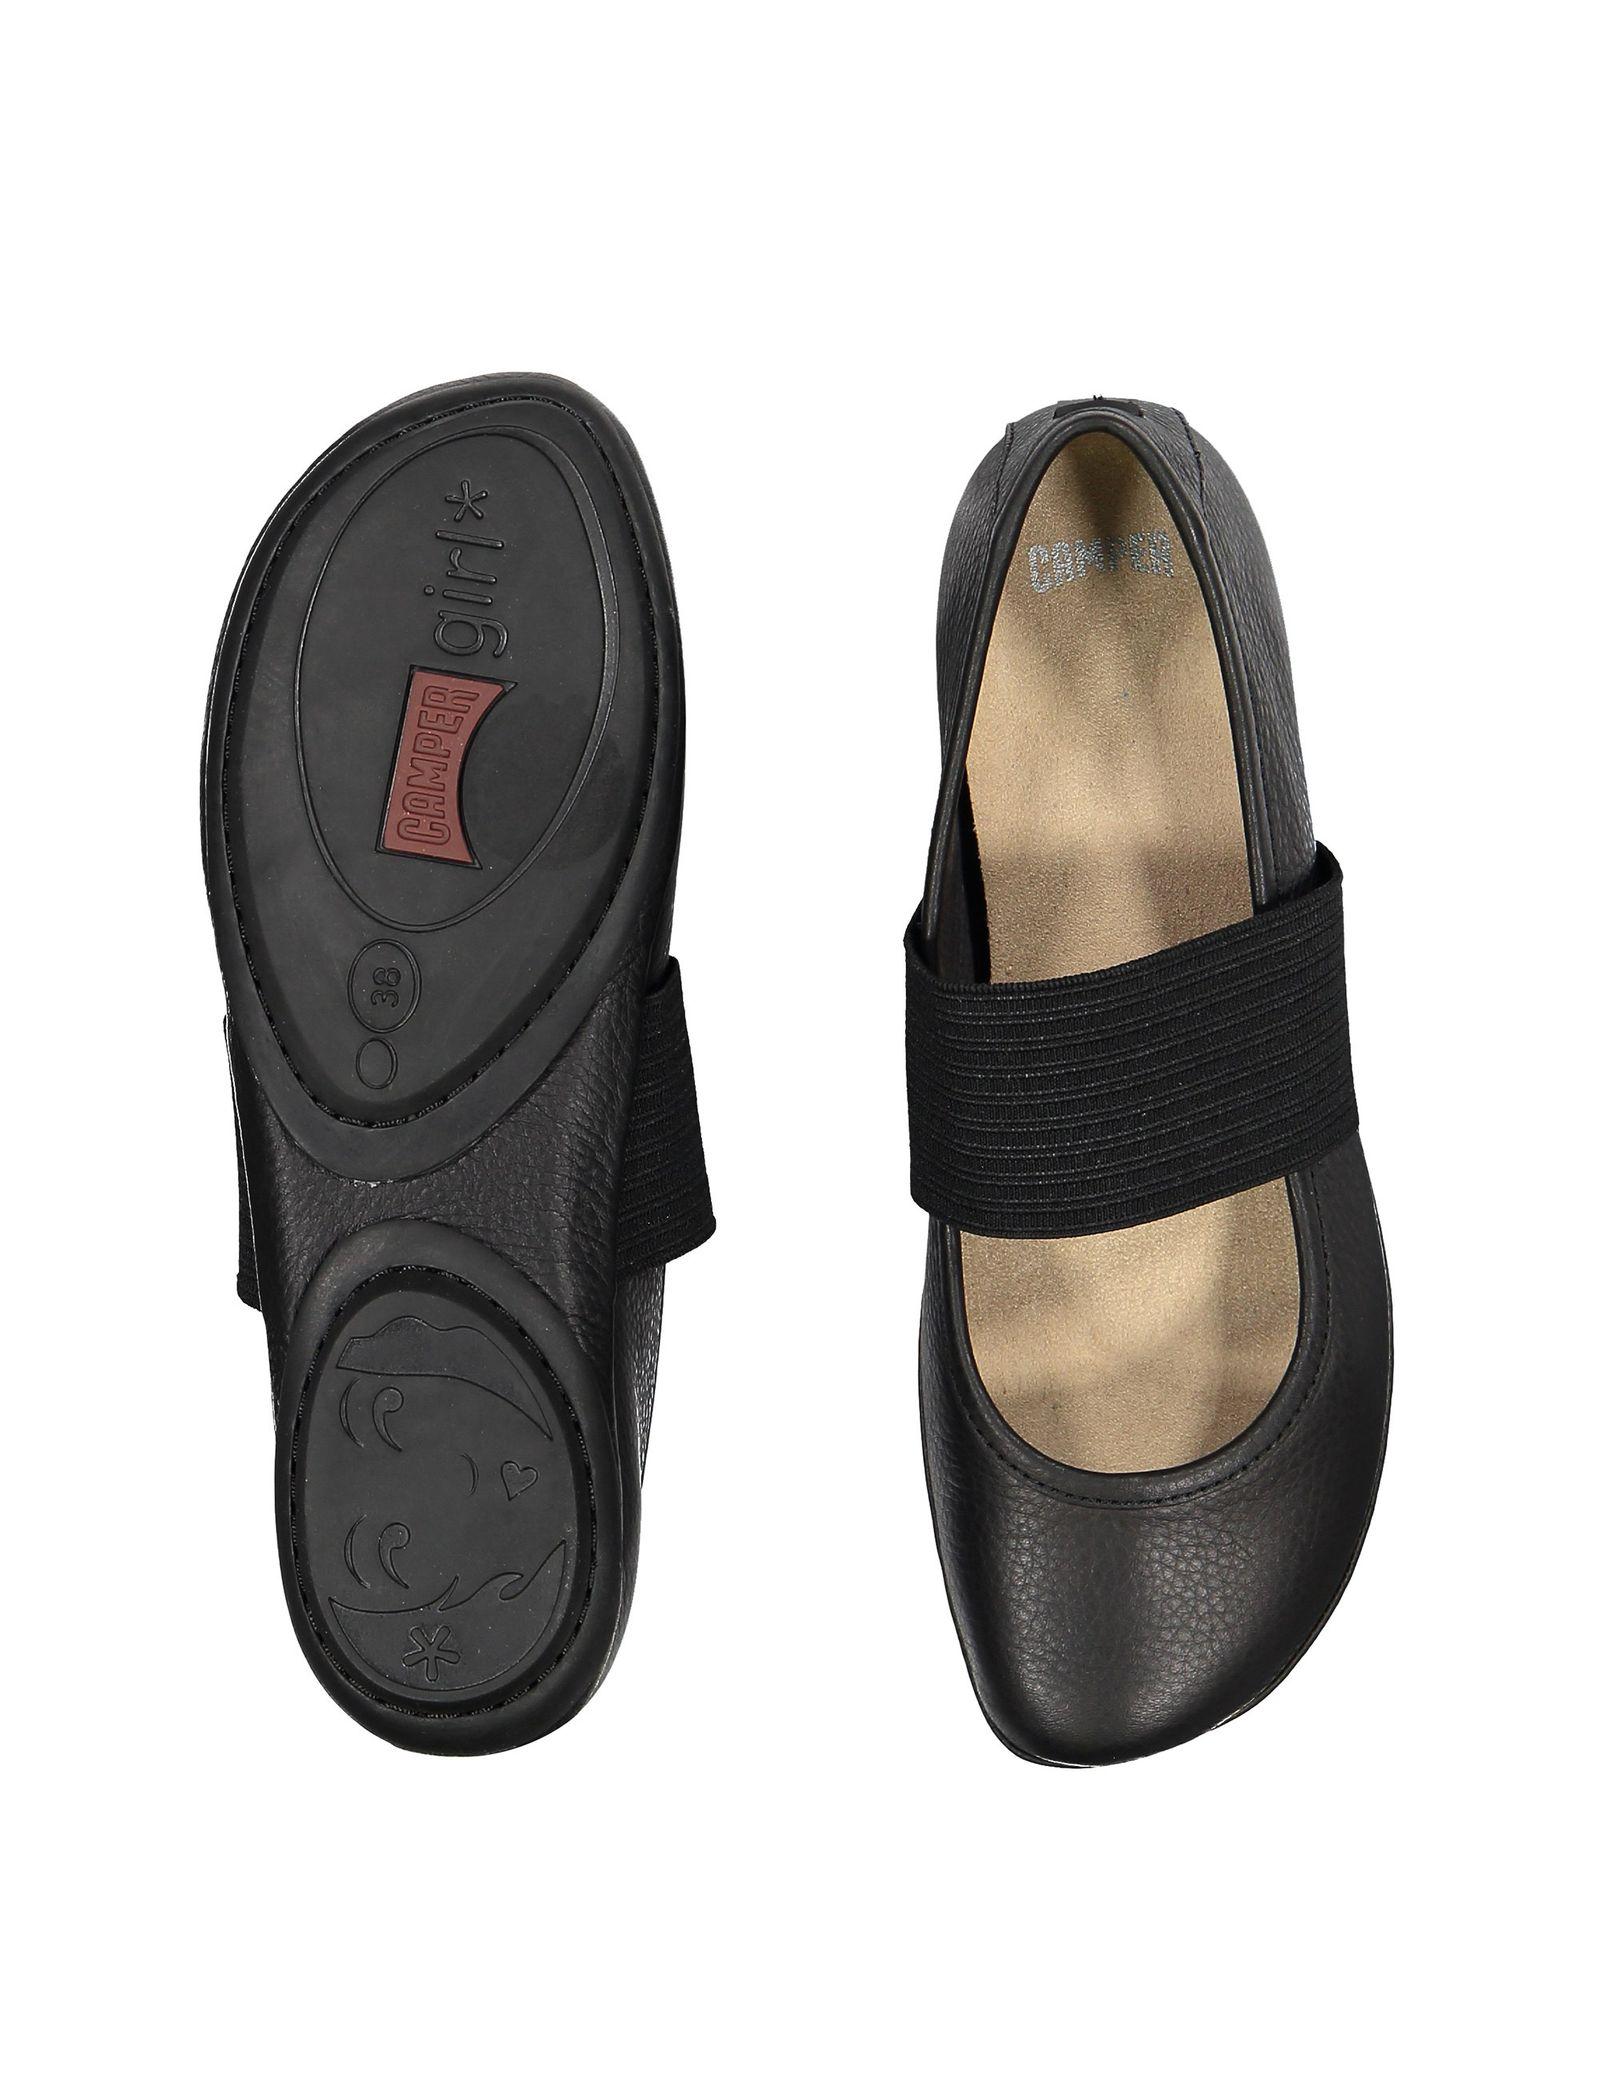 کفش تخت چرم زنانه - کمپر - مشکي - 2